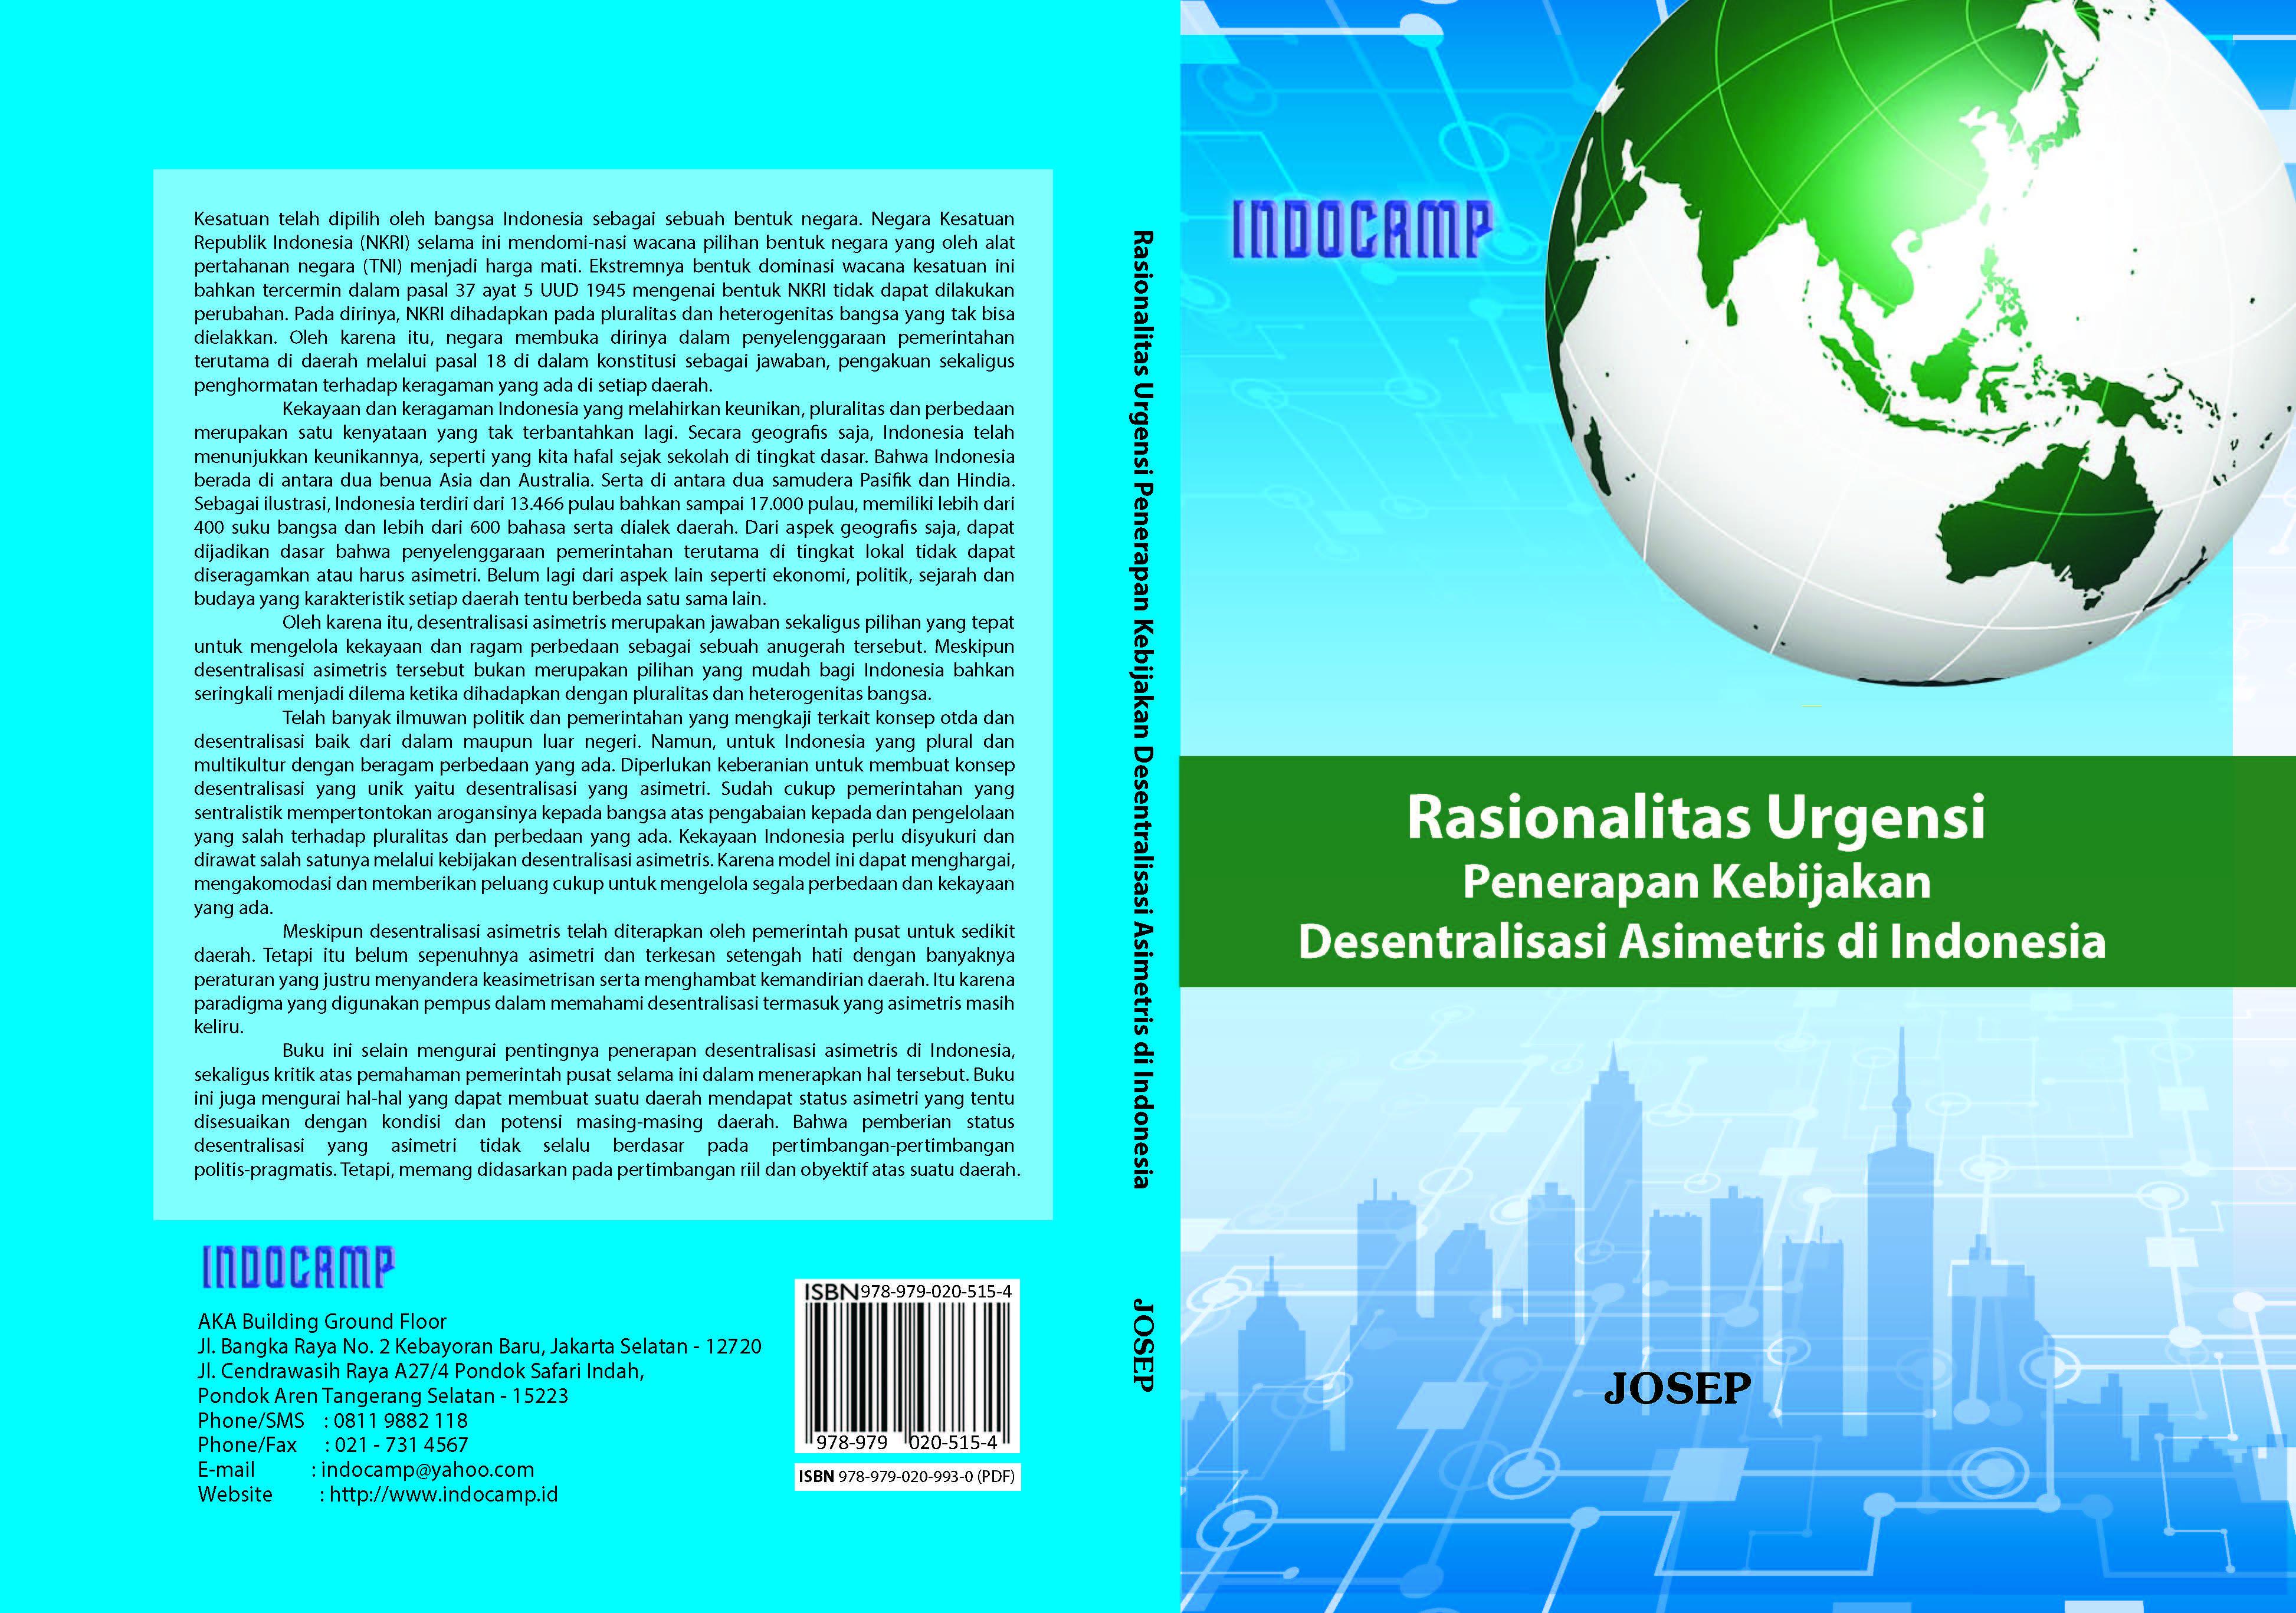 Rasionalitas urgensi penerapan kebijakan desentralisasi asimetris di indonesia [sumber elektronis]